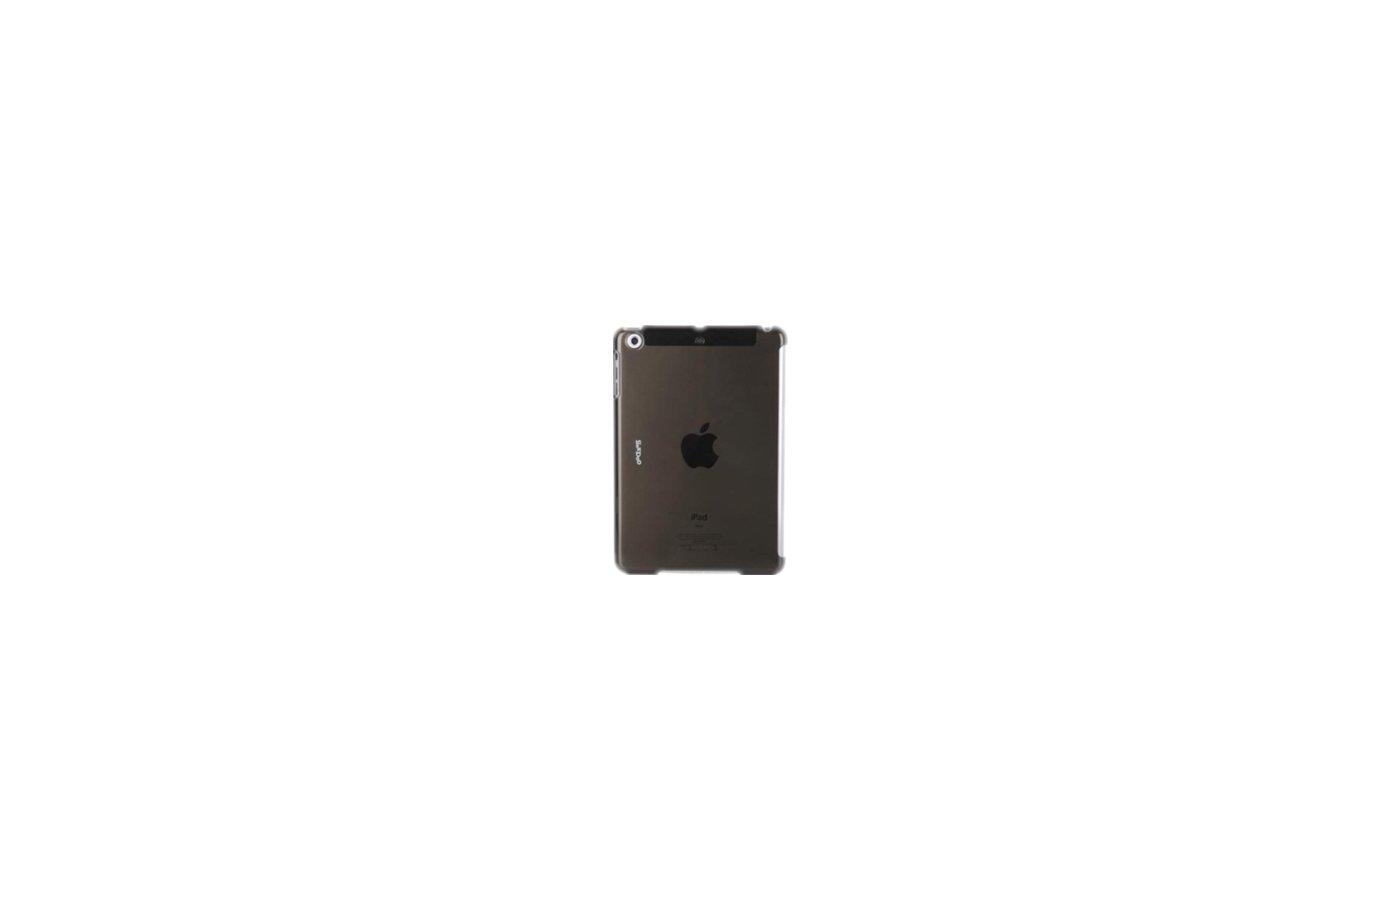 Чехол для планшетного ПК SeeDoo для iPad Mini Smart Shell, прозрачный (Item 3240500151)